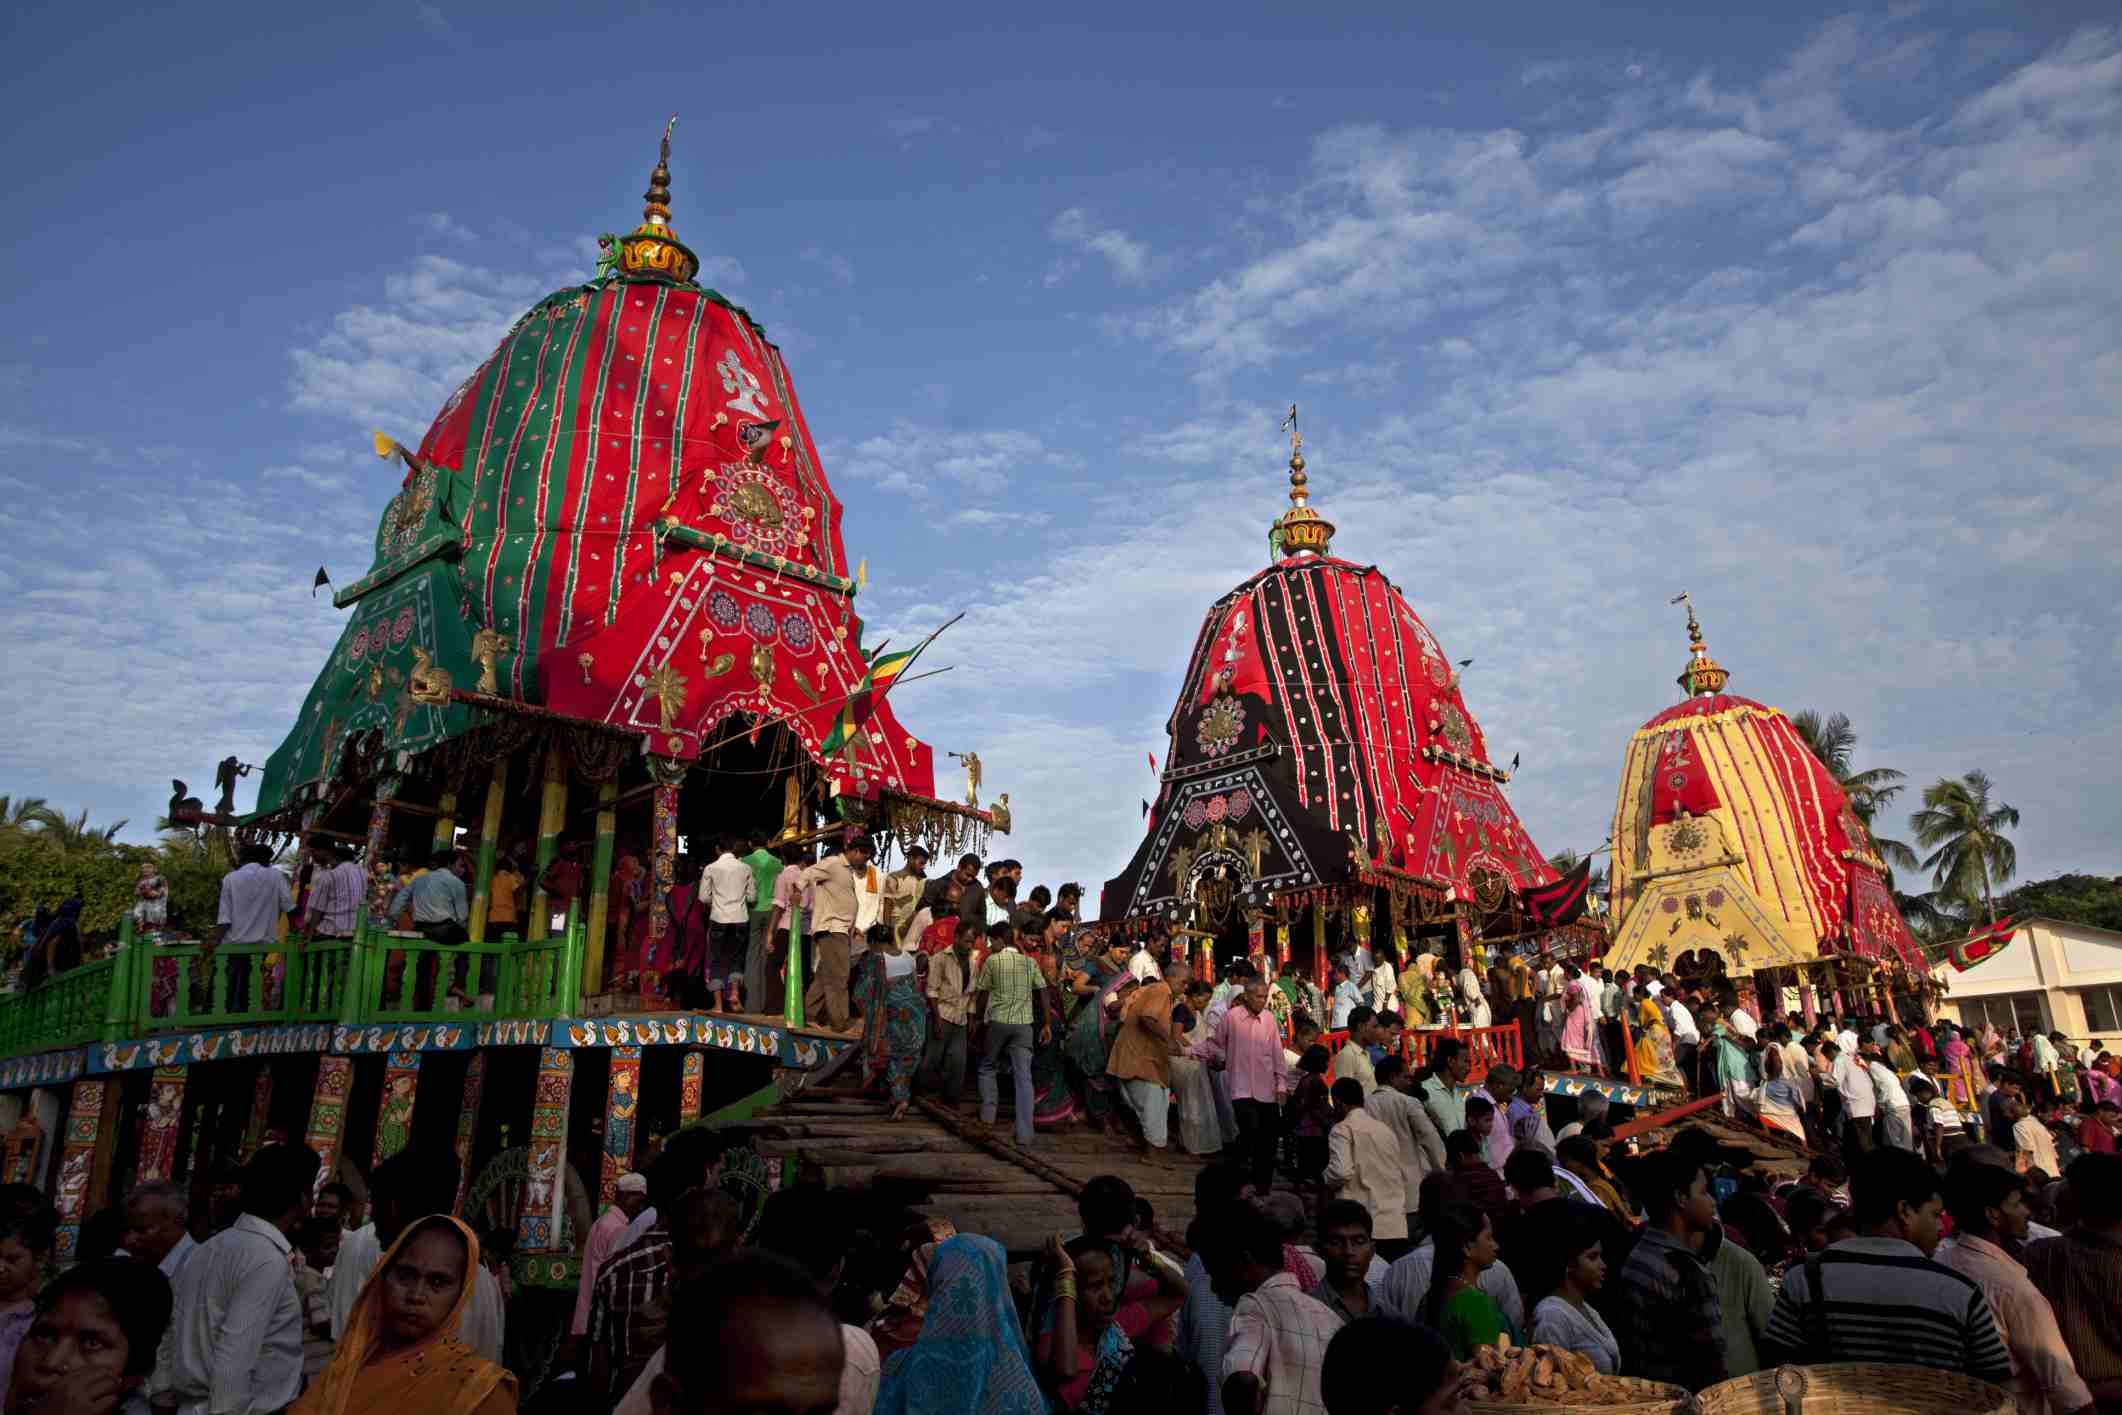 Peregrinos en el Puri Rath Yatra